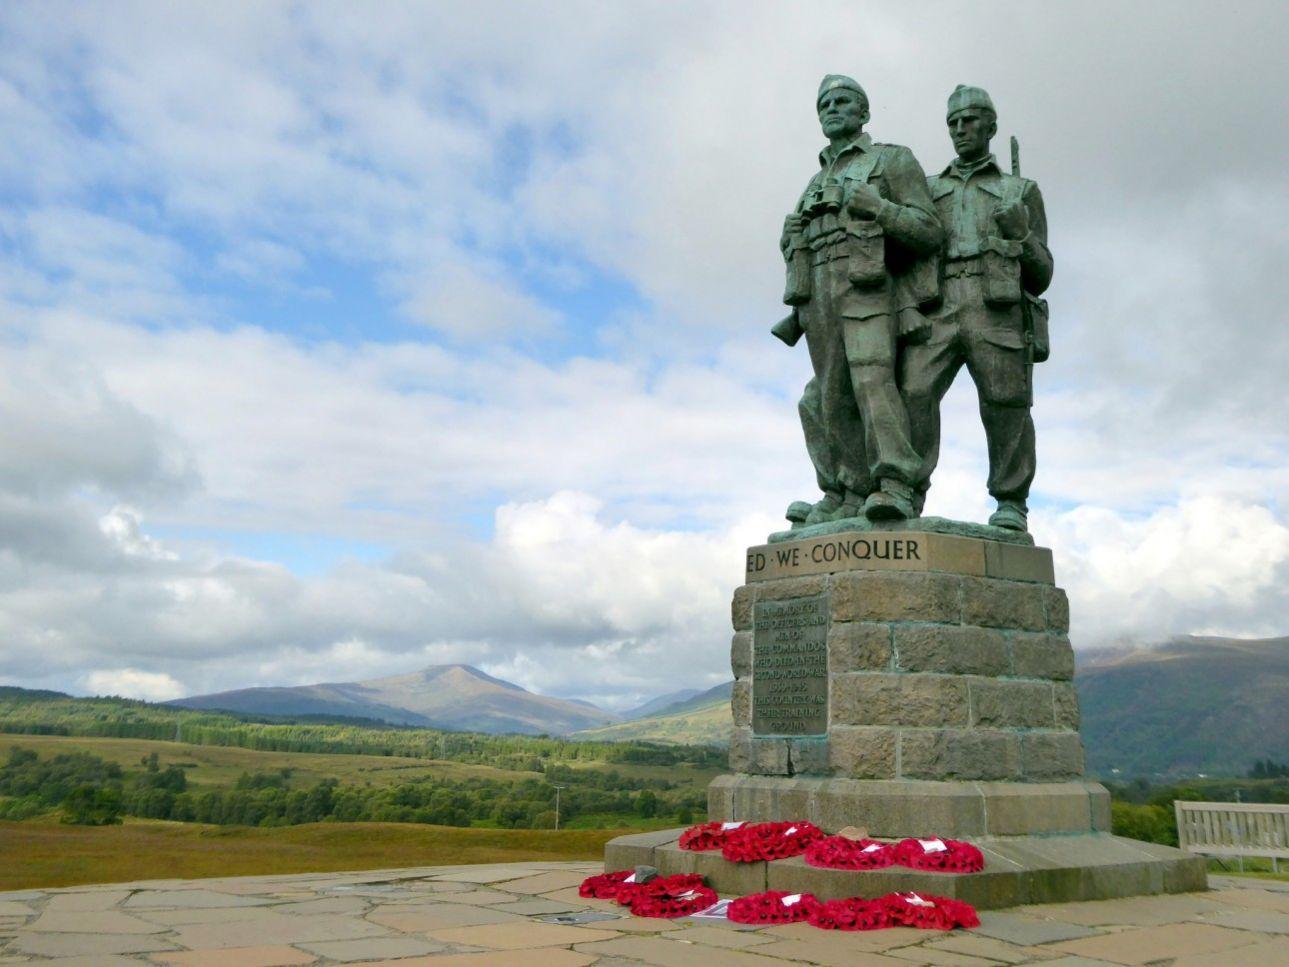 Το Μνημείο των Κομάντο: Οι τρεις μπρούτζινοι κομάντο ανεγέρθηκαν το 1952, στα Χάιλαντς της Σκοτίας, πολύ κοντά στη Σπιν Μπριτζ, με την επιγραφή: «Στο όνομα των αξιωματικών και των κομάντο που σκοτώθηκαν στον Β' Παγκόσμιο Πόλεμο, το 1939-1945. Η εξοχή ήταν για αυτούς τόπος εκπαίδευσης».